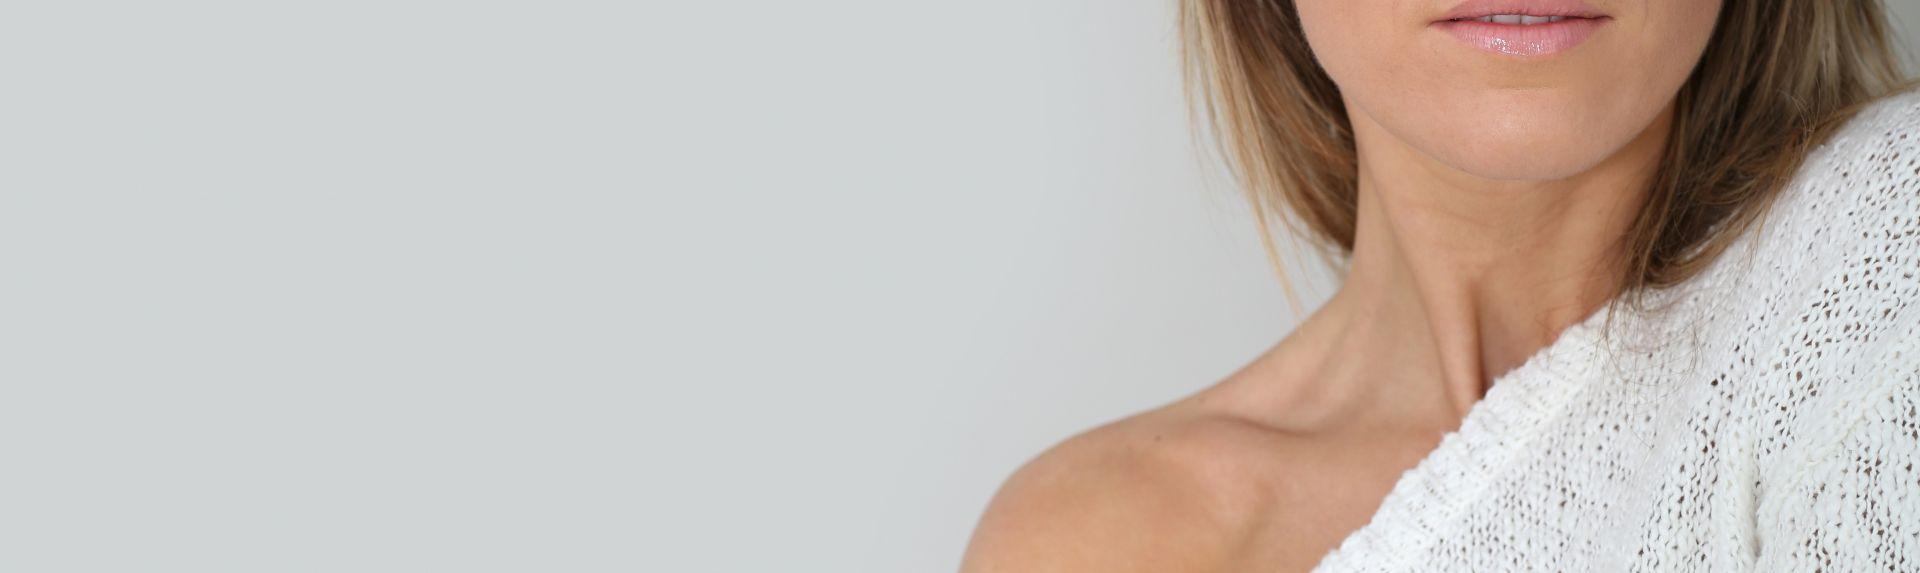 Моя менопауза (личный опыт проживания менопаузы и ее симптомов)